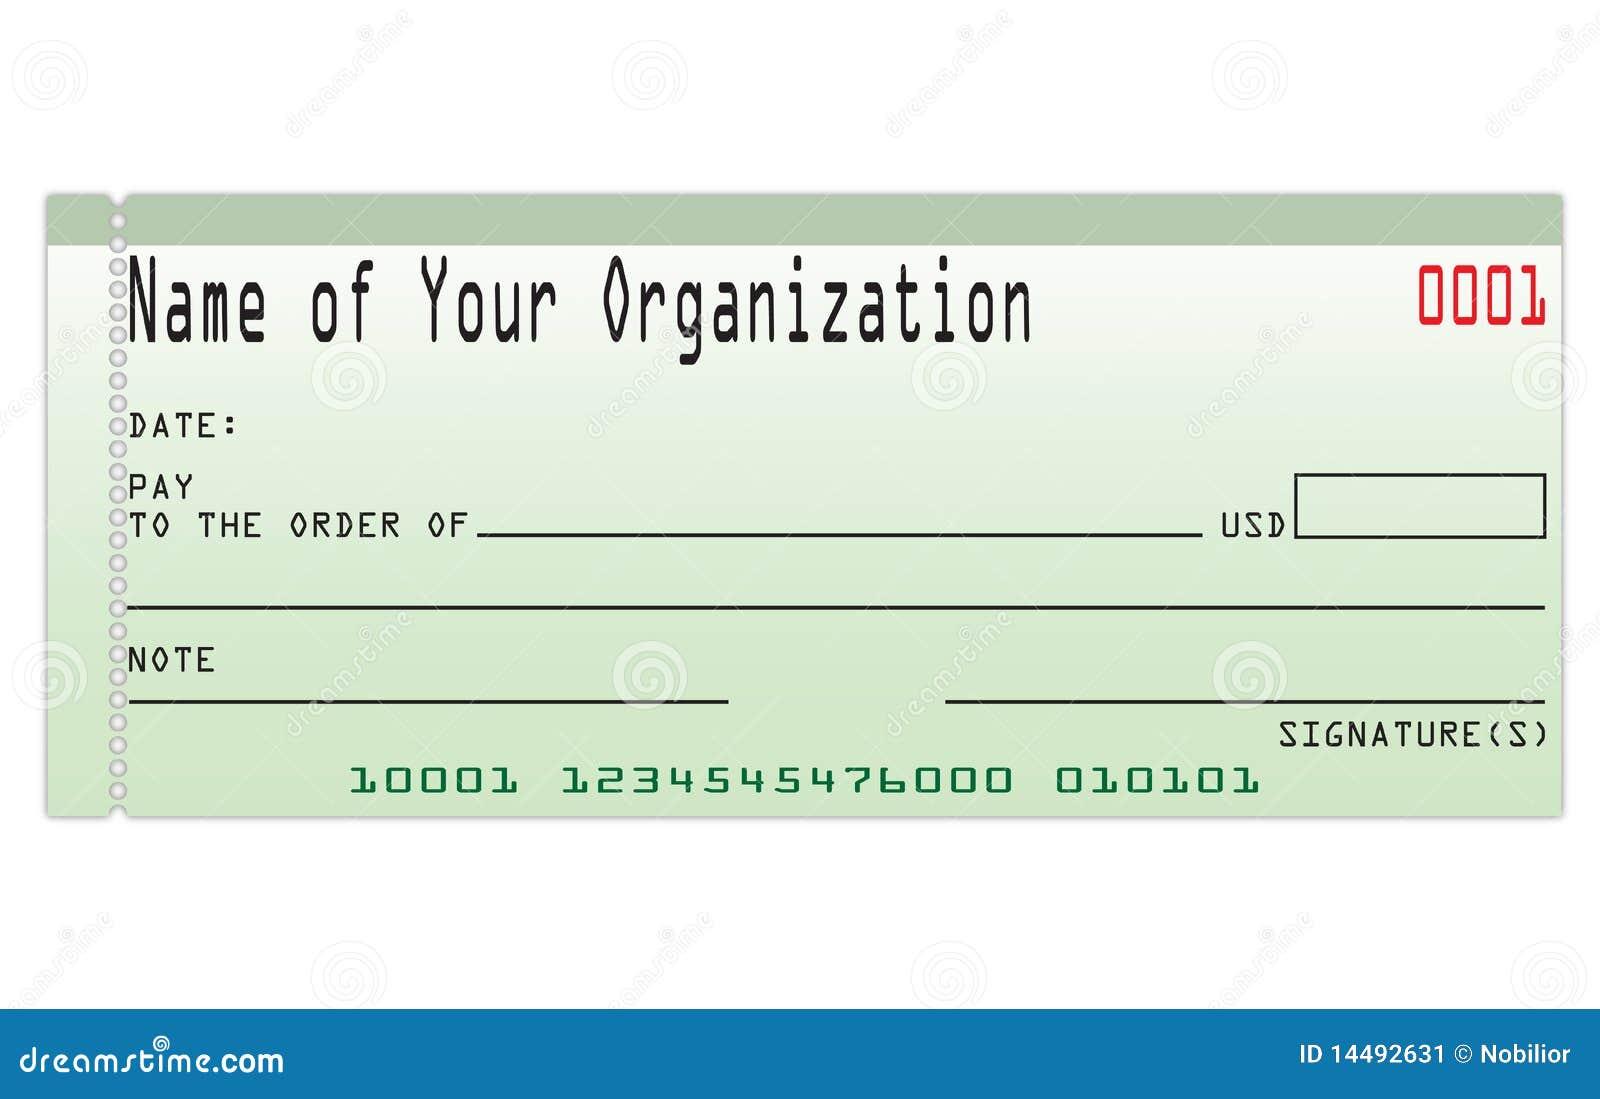 bank check stock image